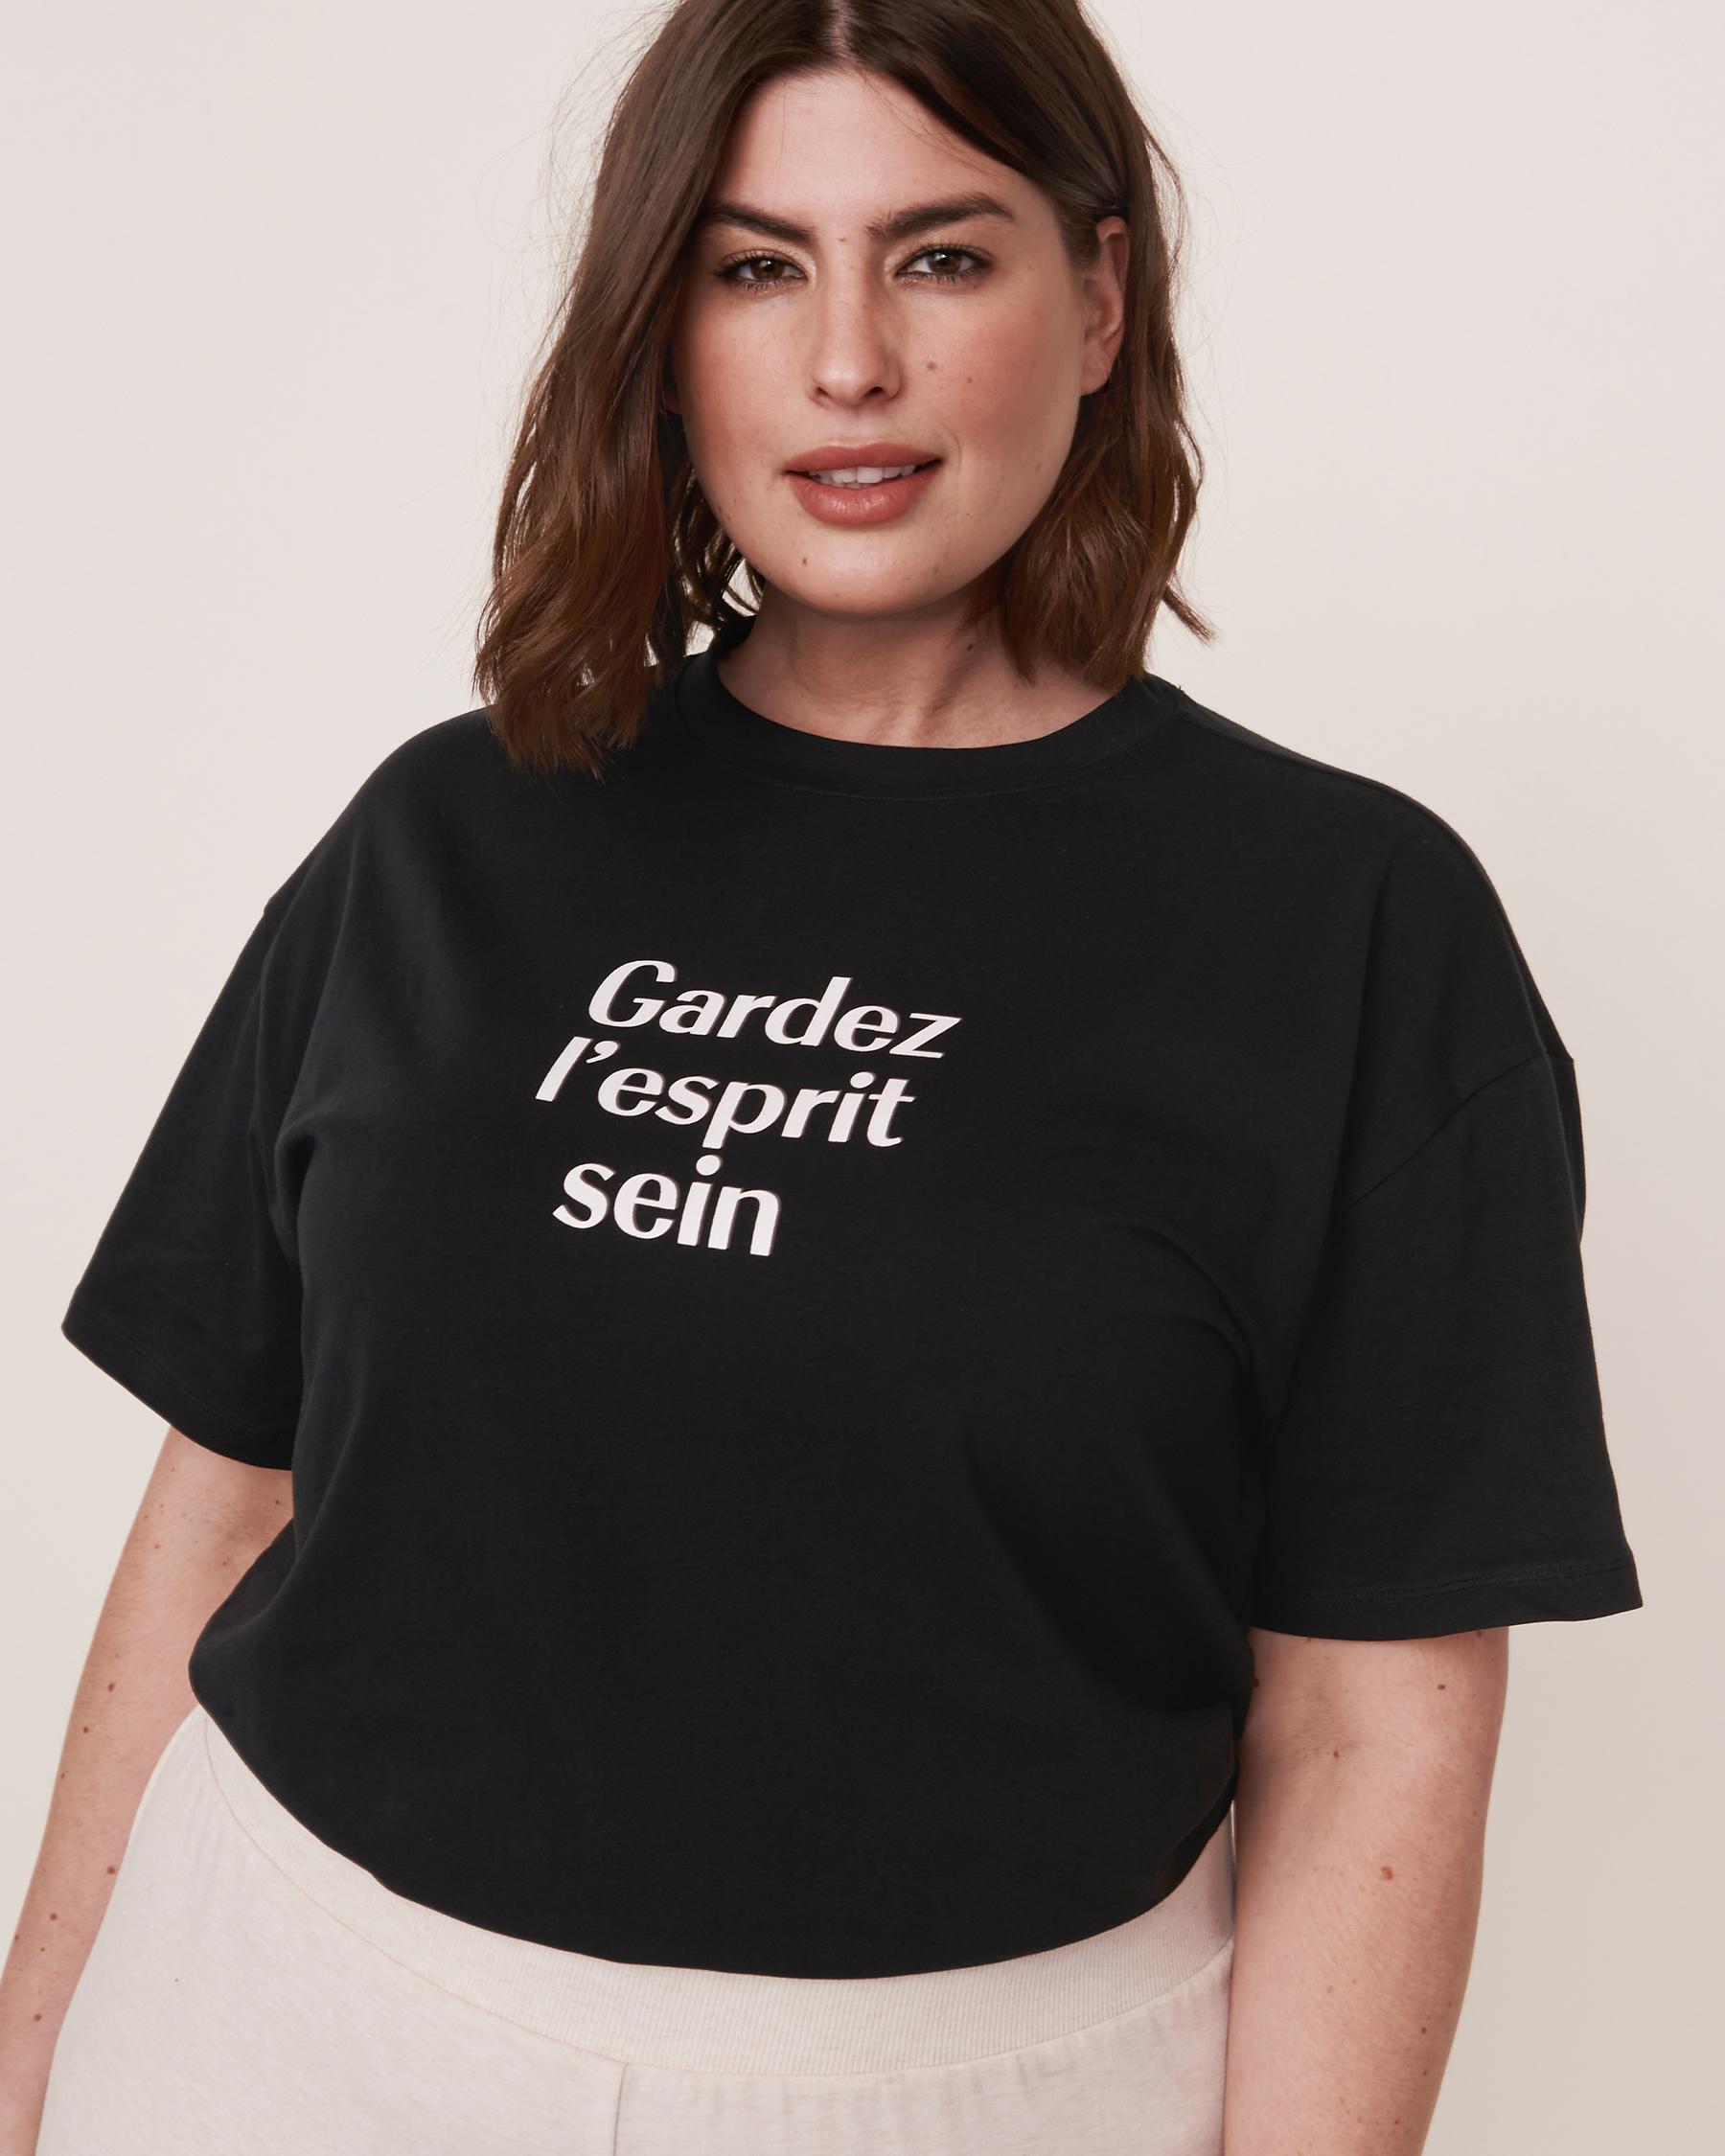 LA VIE EN ROSE T-shirt Gardez l'esprit sein Noir 90400001 - Voir7